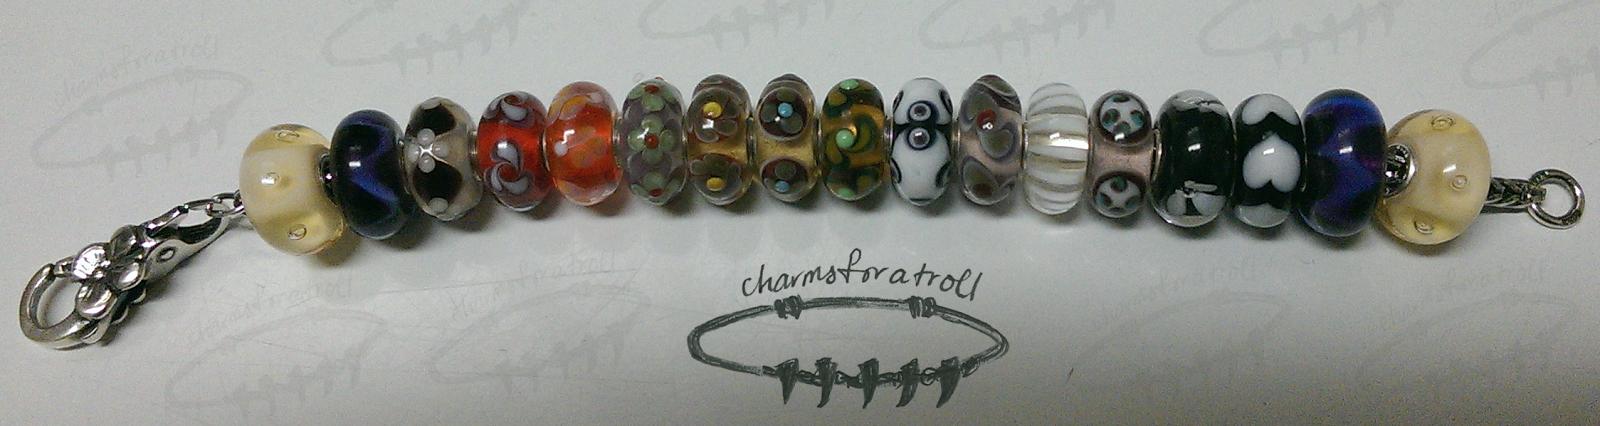 Trollbeads Silver Bracelet with Flower Lock